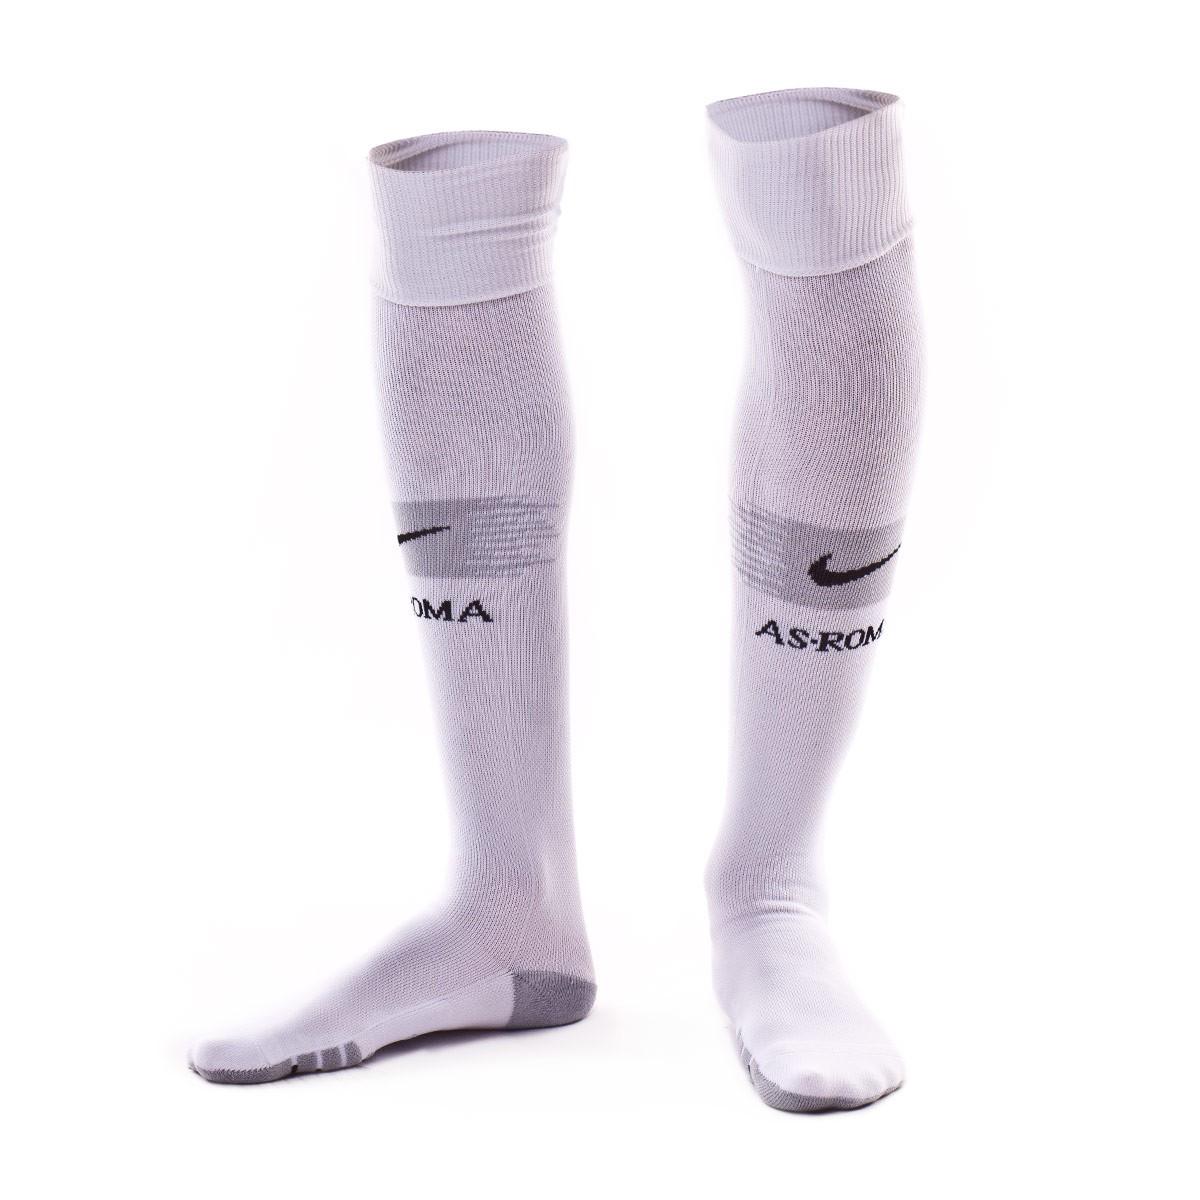 considerado ornamento computadora  Football Socks Nike AS Roma Stadium 2018-2019 White-Wolf grey-Black -  Football store Fútbol Emotion